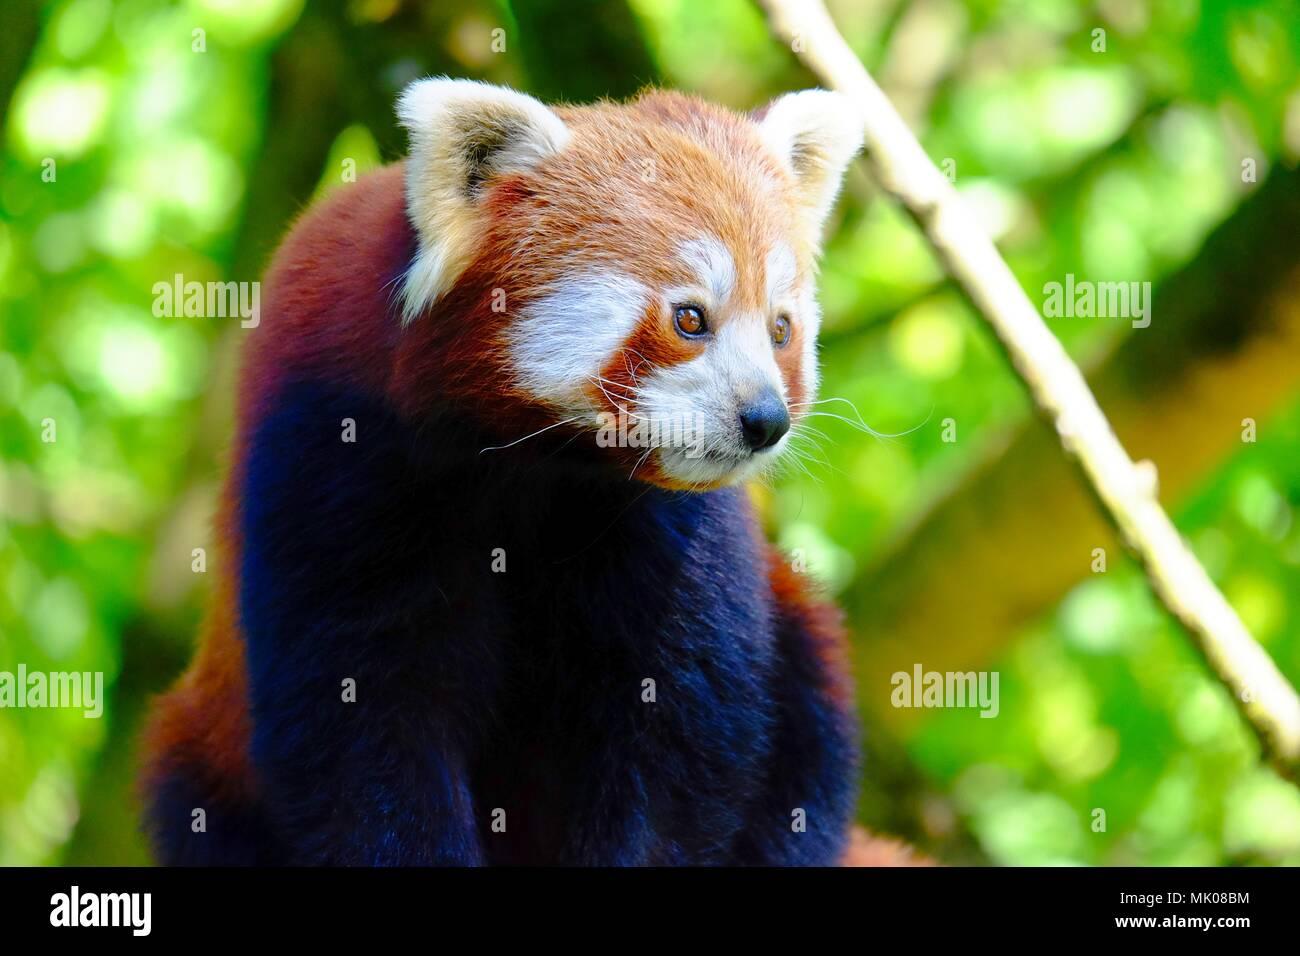 Red panda, a small Asian bear, climbed on a tree - Stock Image